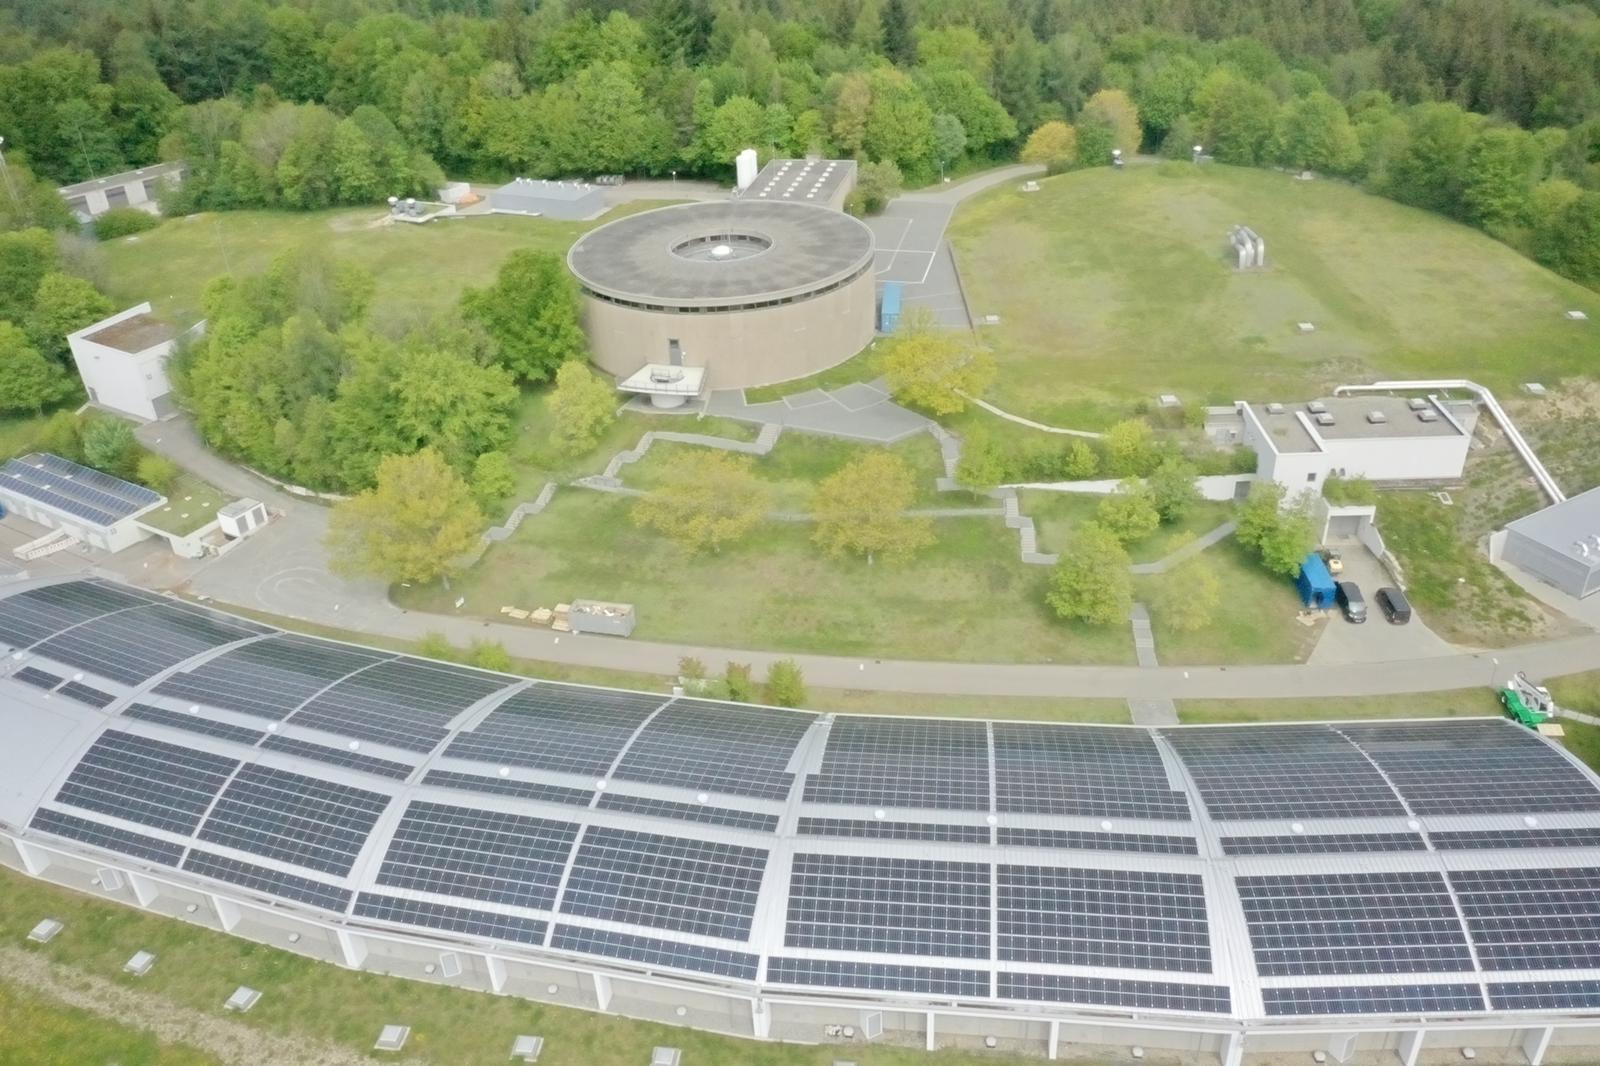 Bodensee-Wasserversorgung